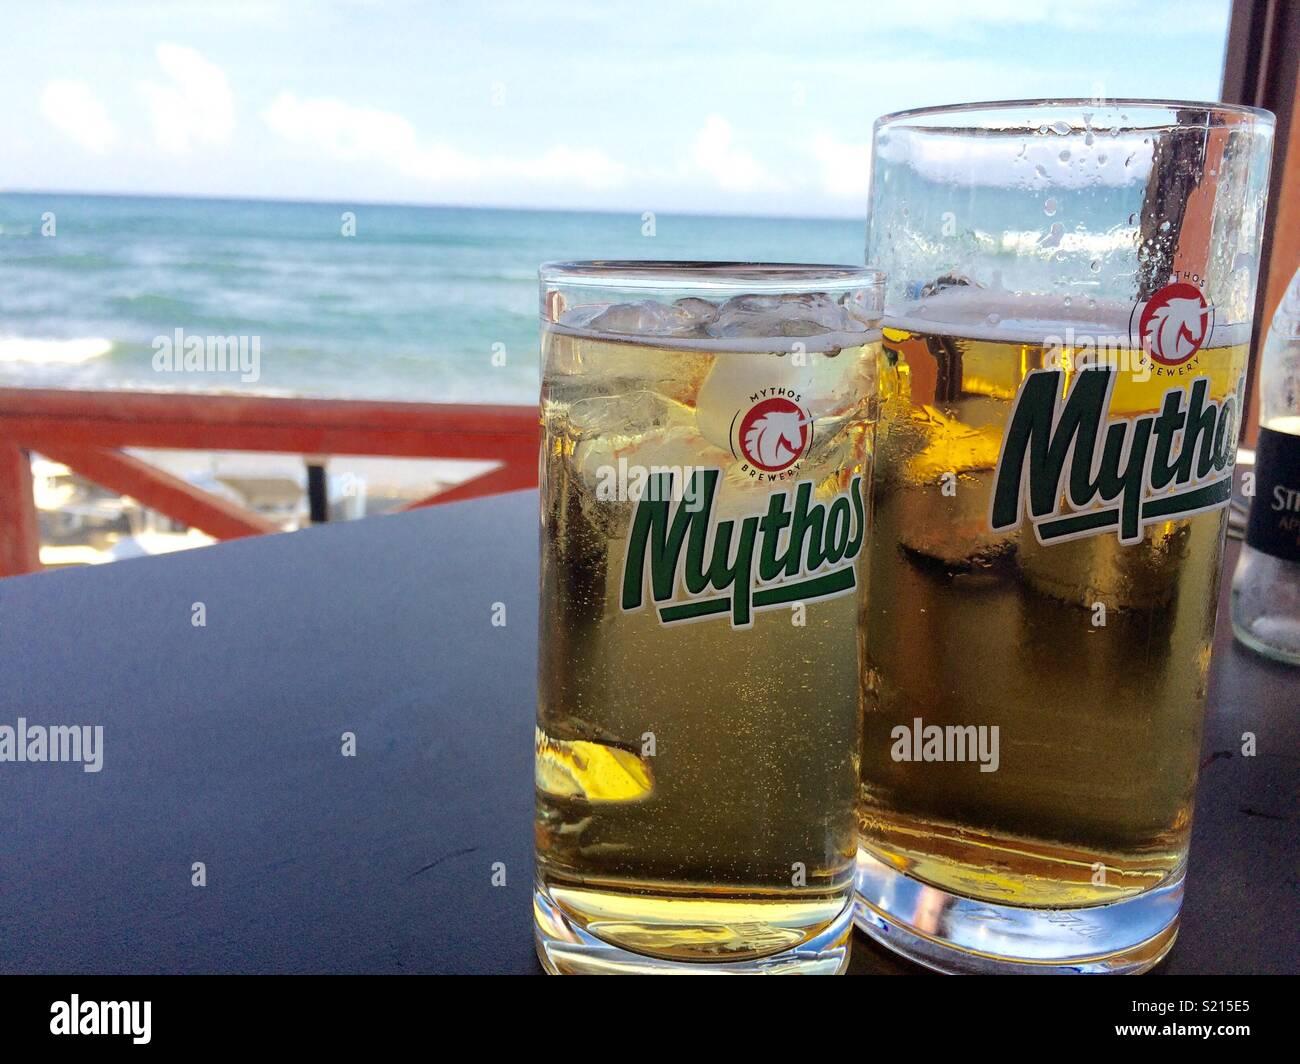 Seaside bar in Zakinthos, Greece Stock Photo